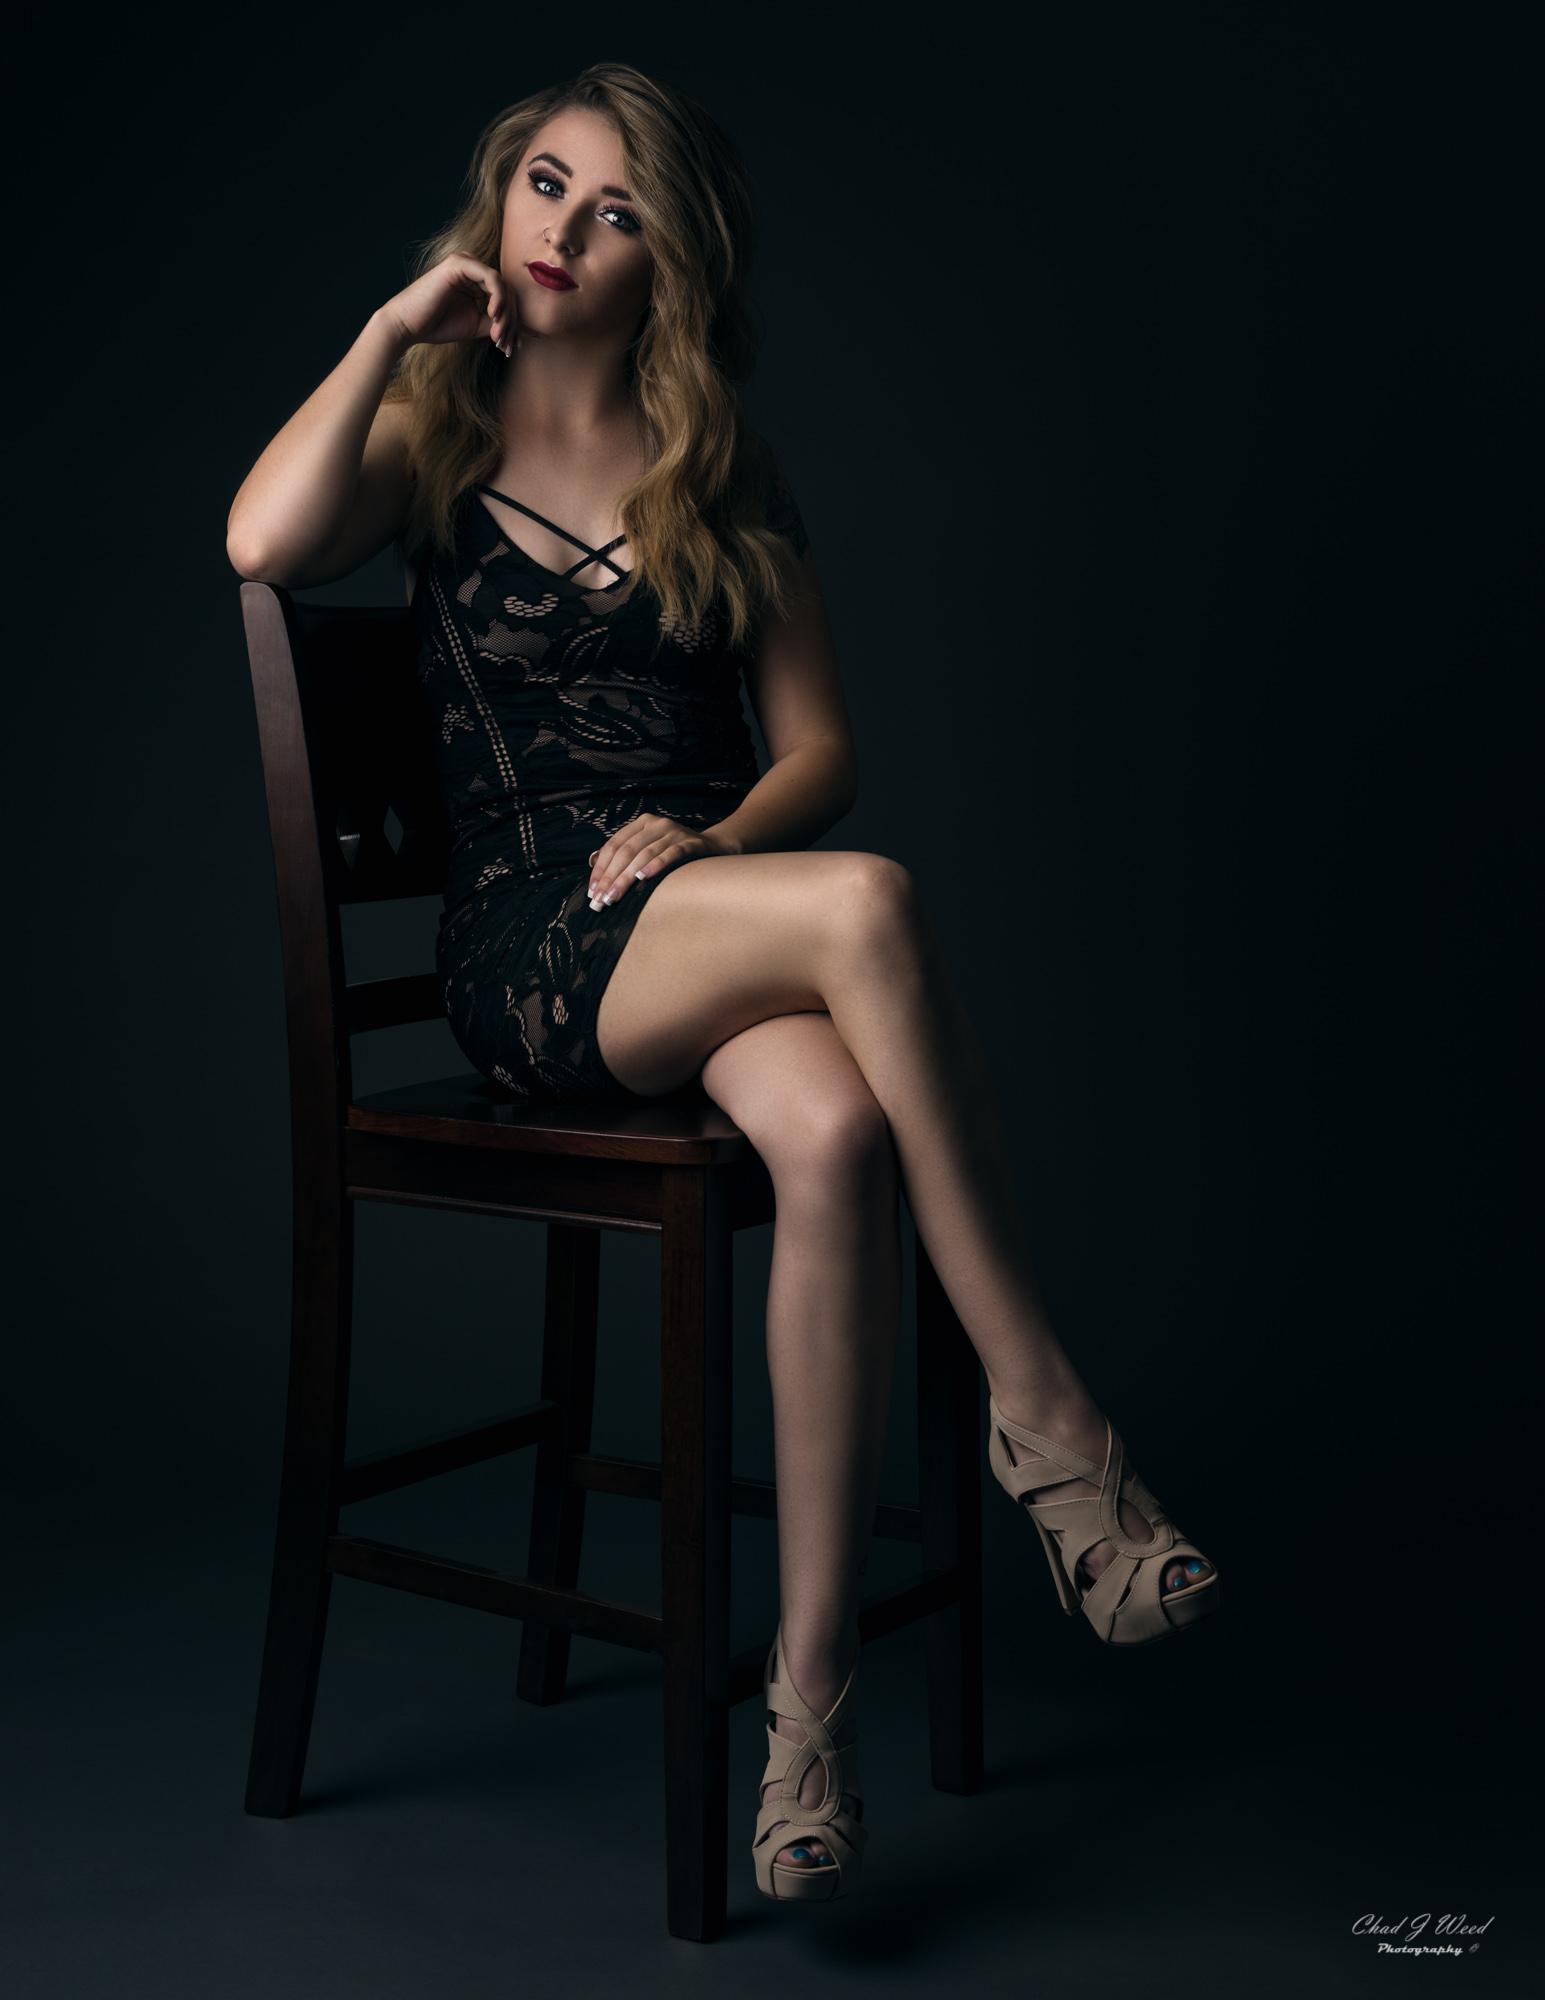 Amber Fashion Portrait by Mesa Arizona Portrait Photographer Chad Weed